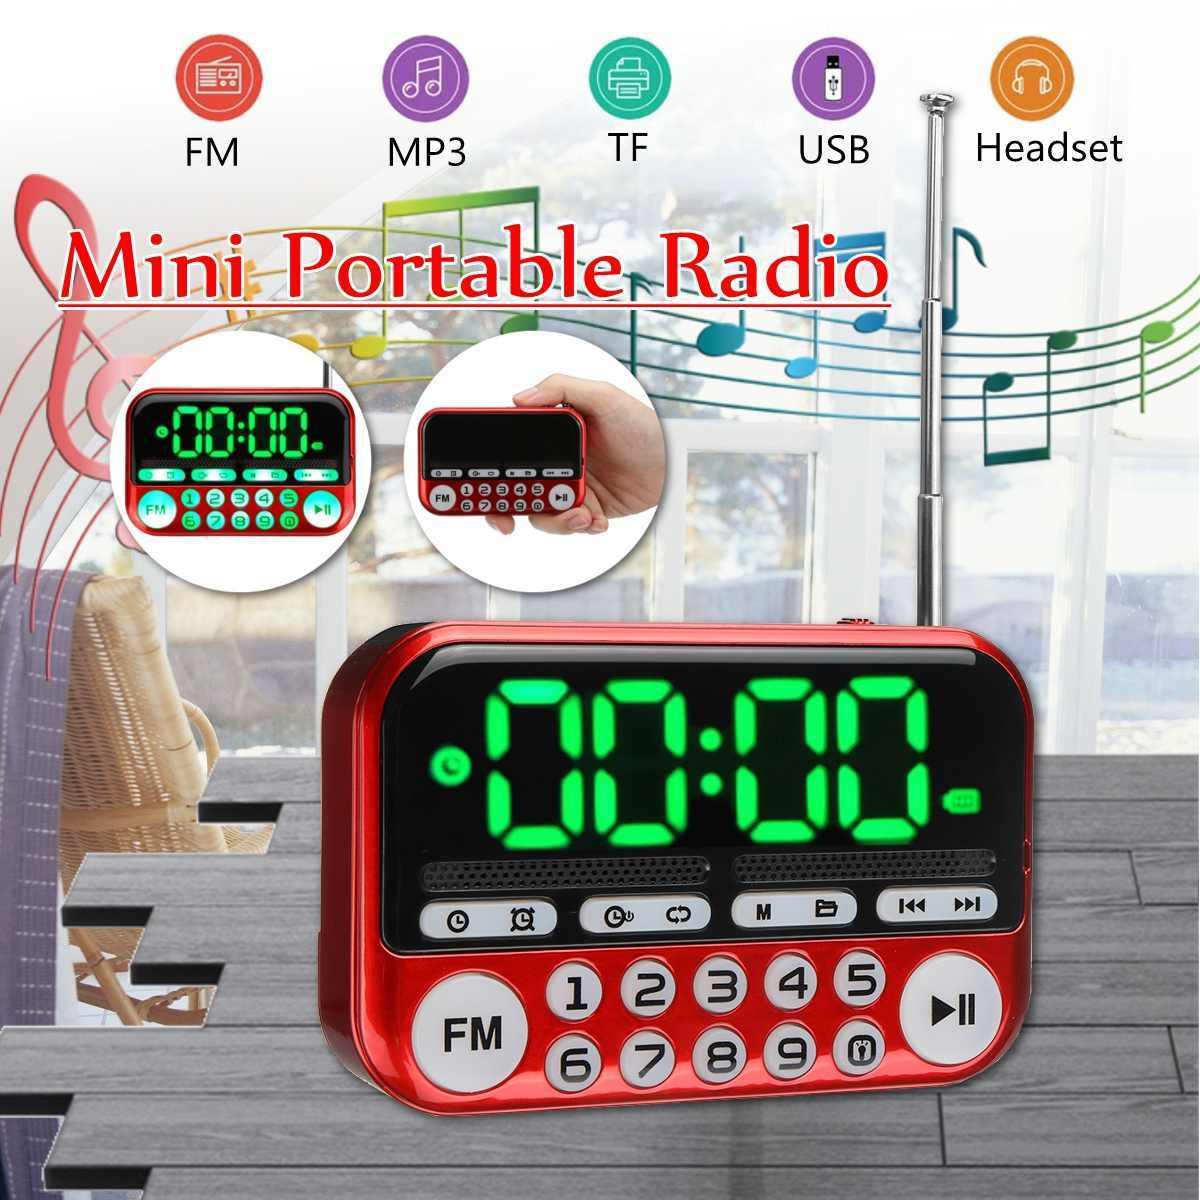 ポータブルデジタルディスプレイ FM ラジオ TF カード USB MP3 音楽プレーヤー時計警報ラジオスピーカー